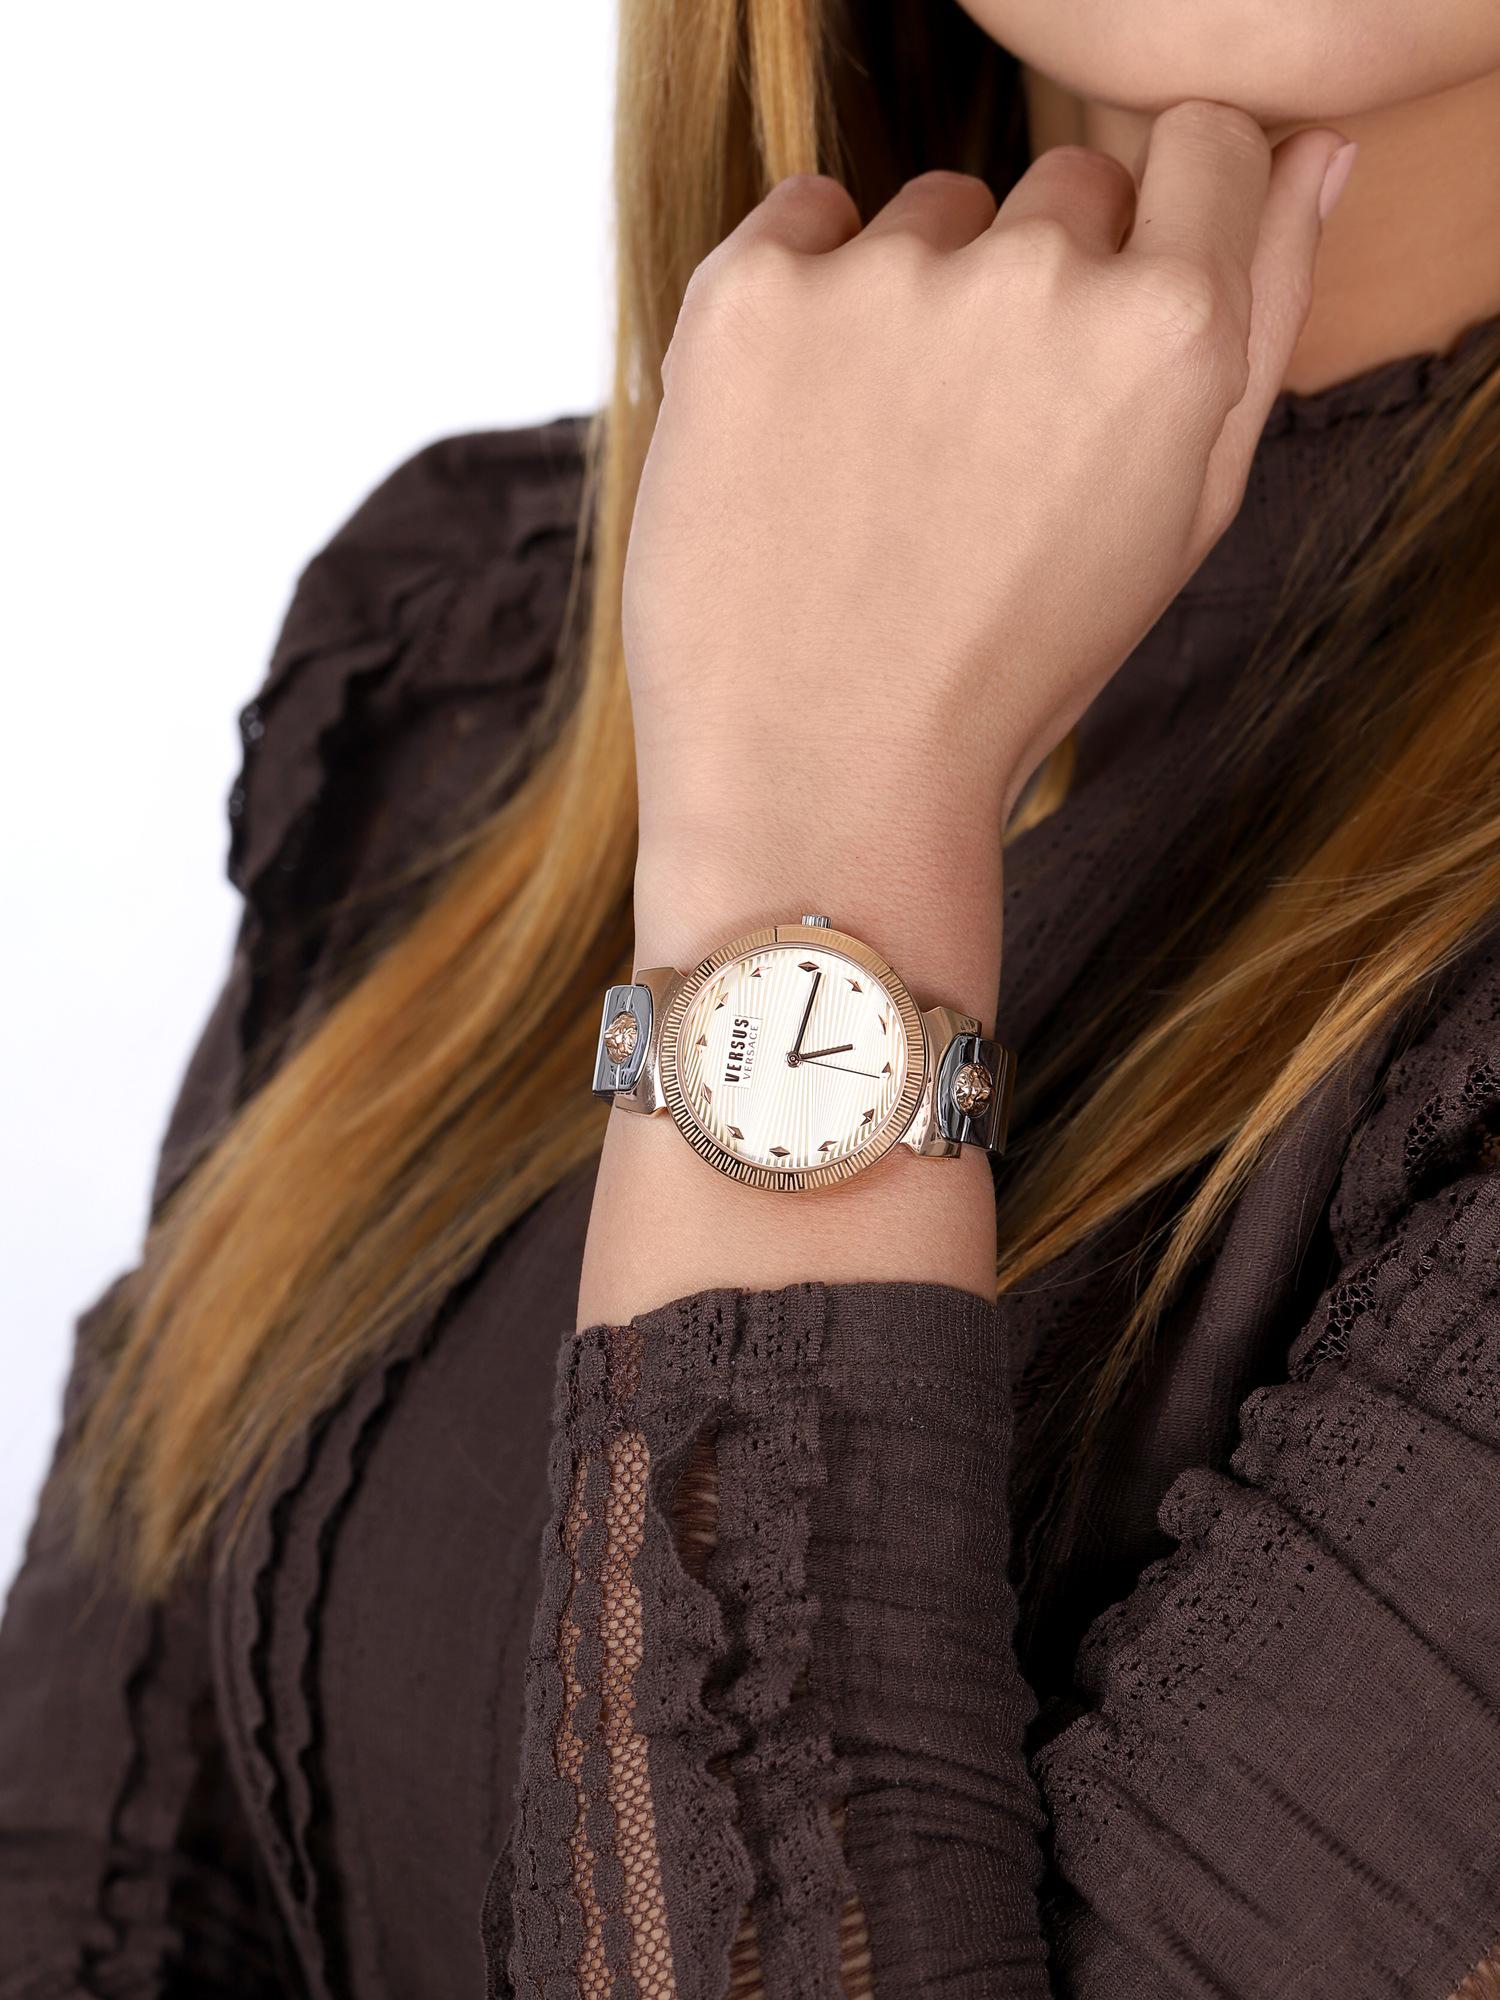 Versus Versace VSPEO0819 zegarek różowe złoto klasyczny Damskie bransoleta